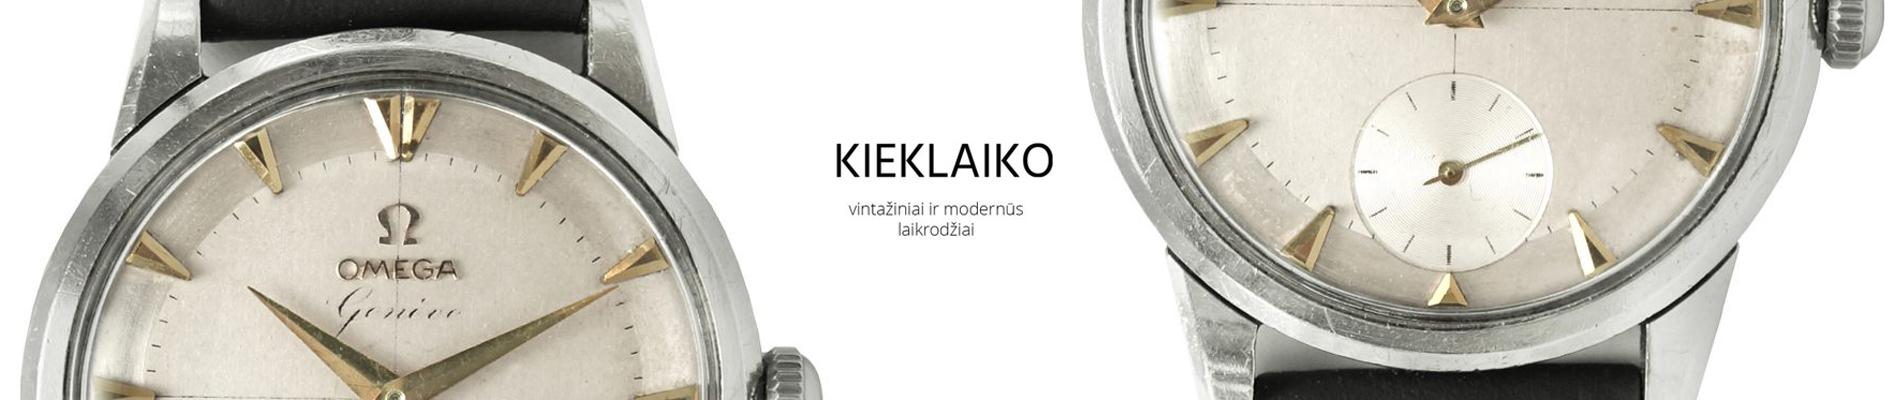 vintažiniai ir modernūs laikrodžiai